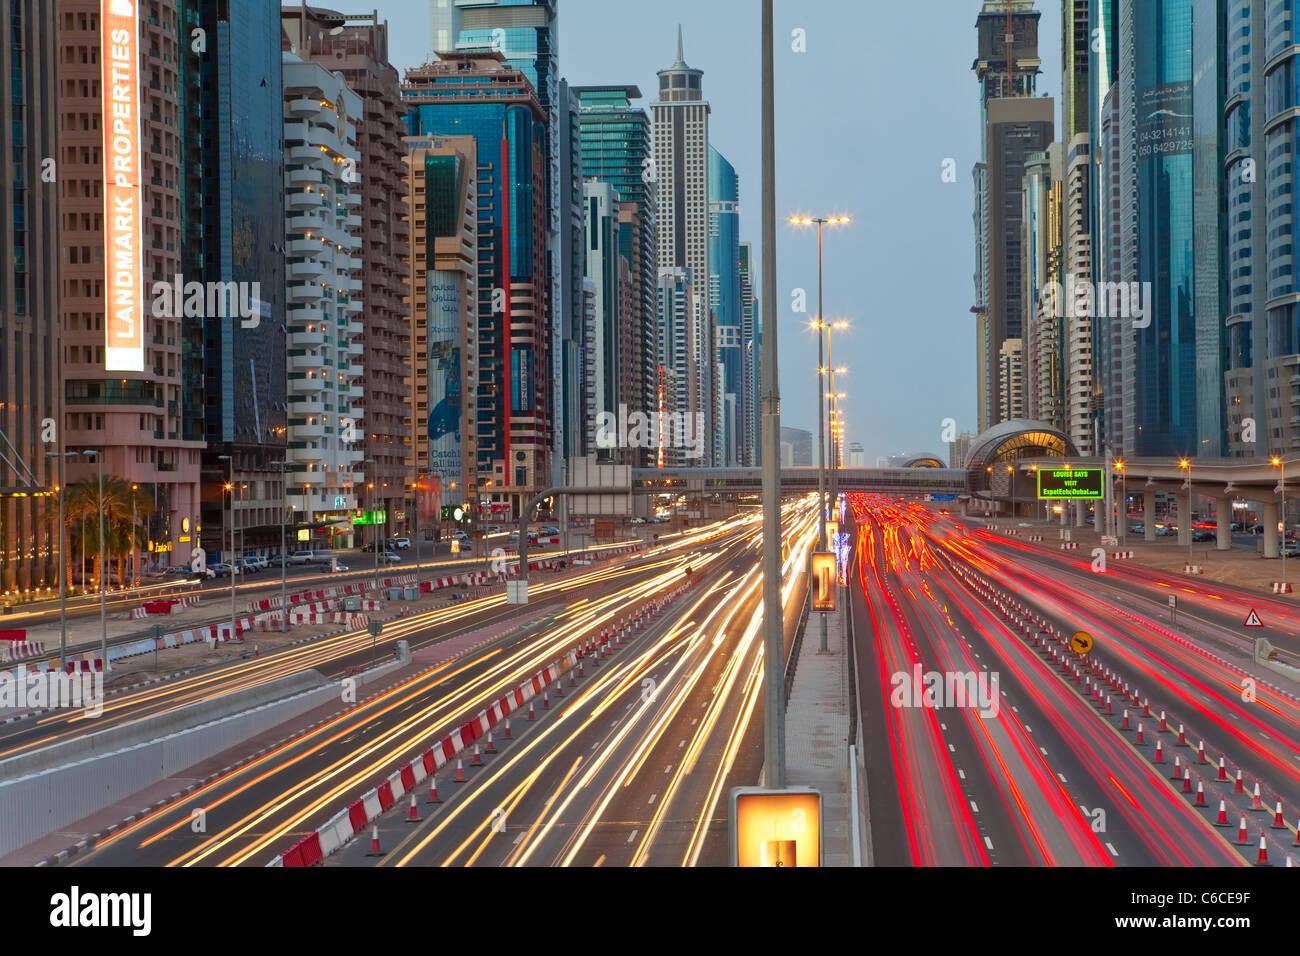 Emirats Arabes Unis, Dubaï, Sheikh Zayed Road, le trafic et les nouveaux immeubles de grande hauteur le long Photo Stock